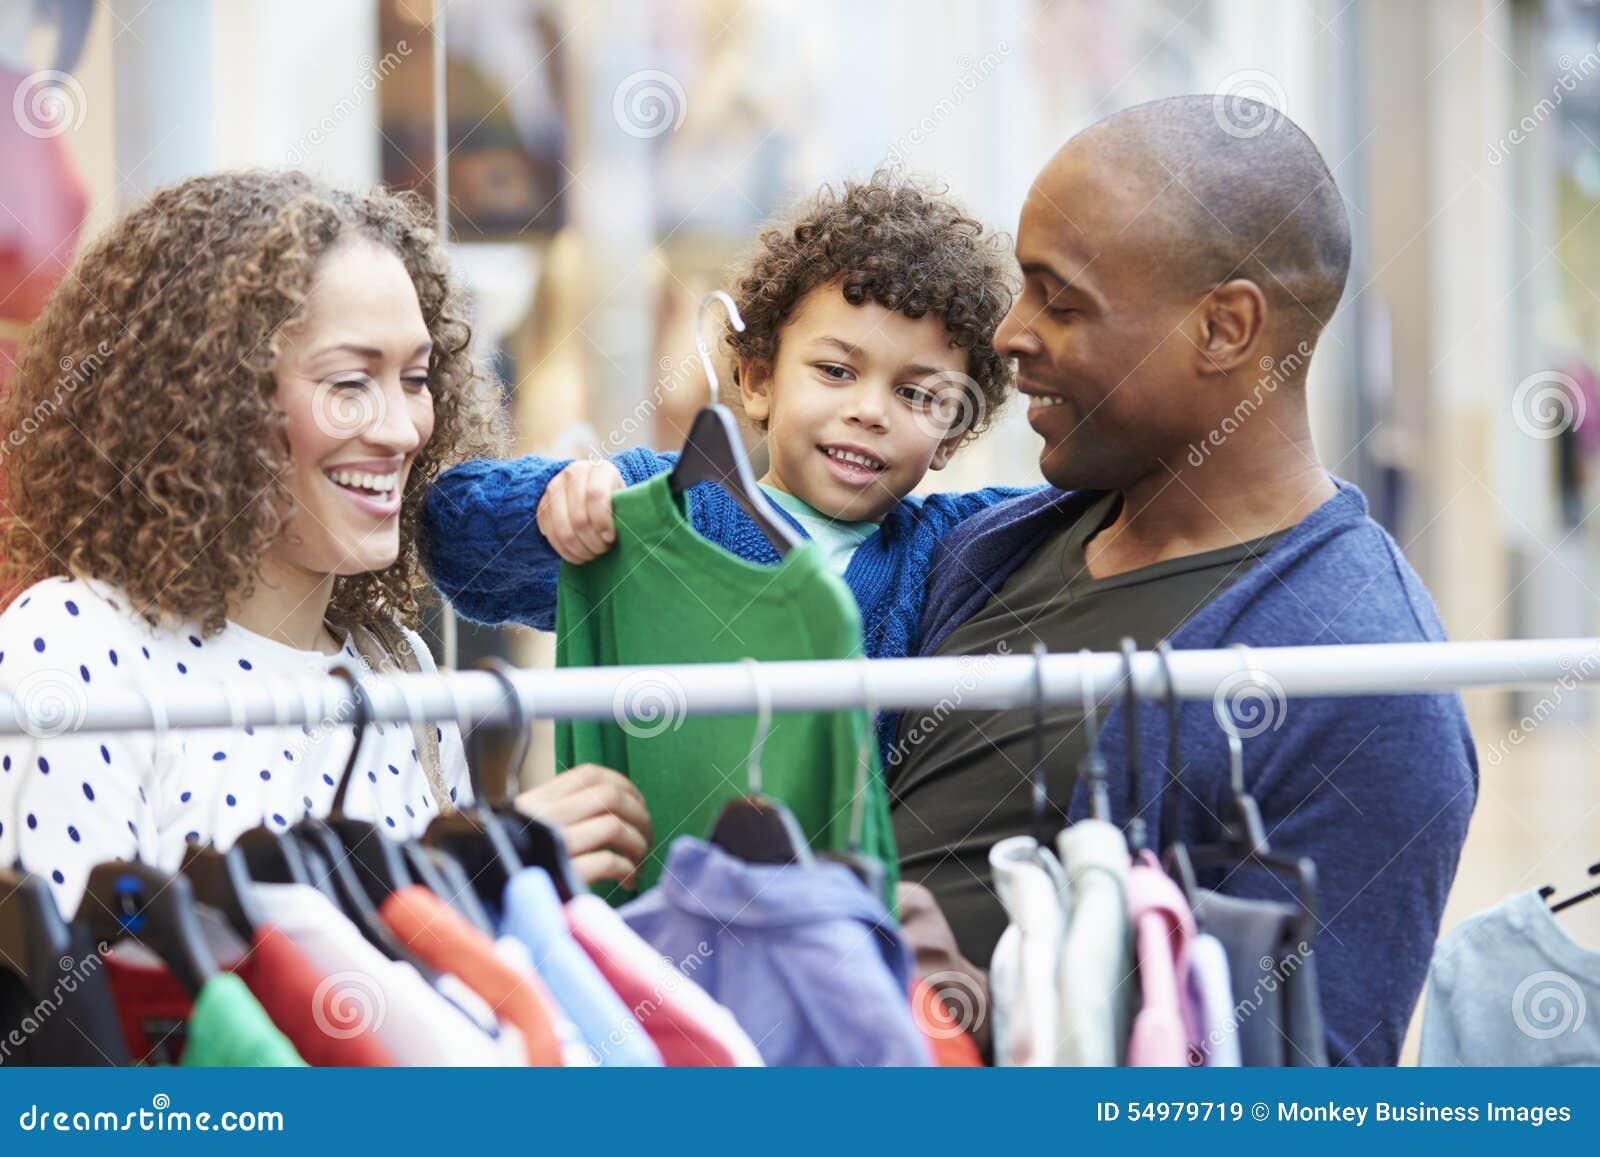 Семья смотря одежды на рельсе в торговом центре